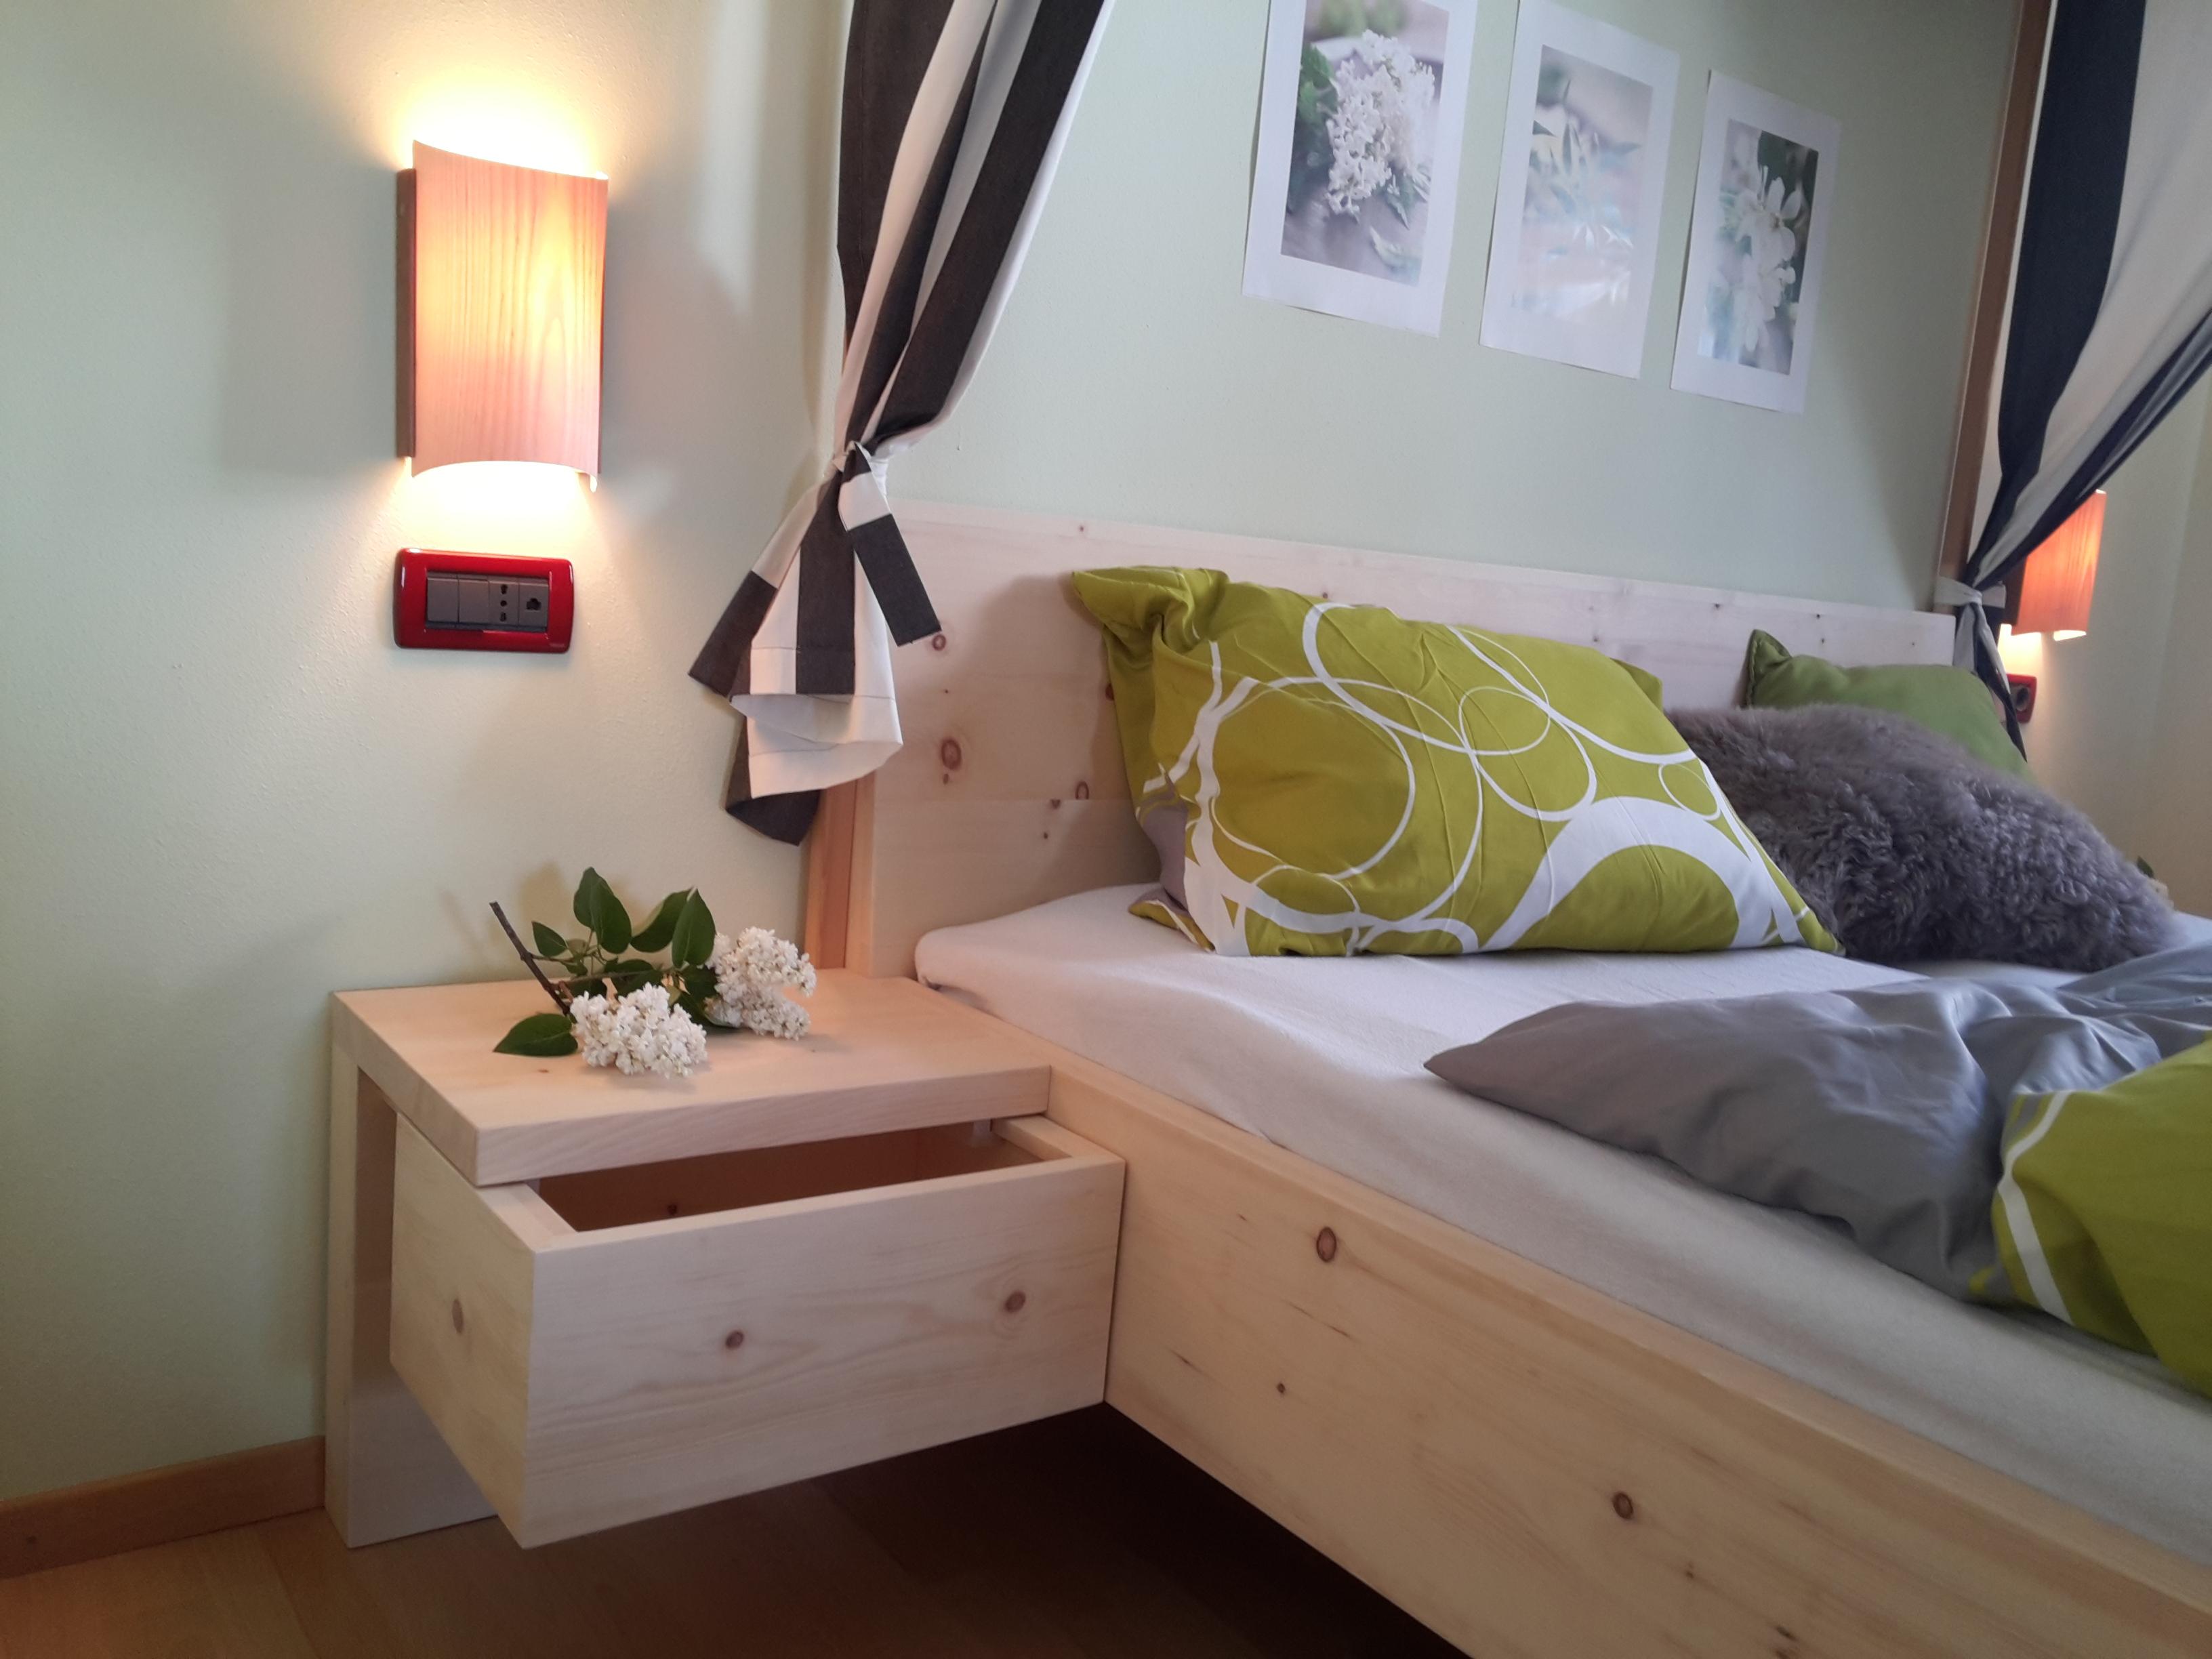 Zirbel Holz Bett